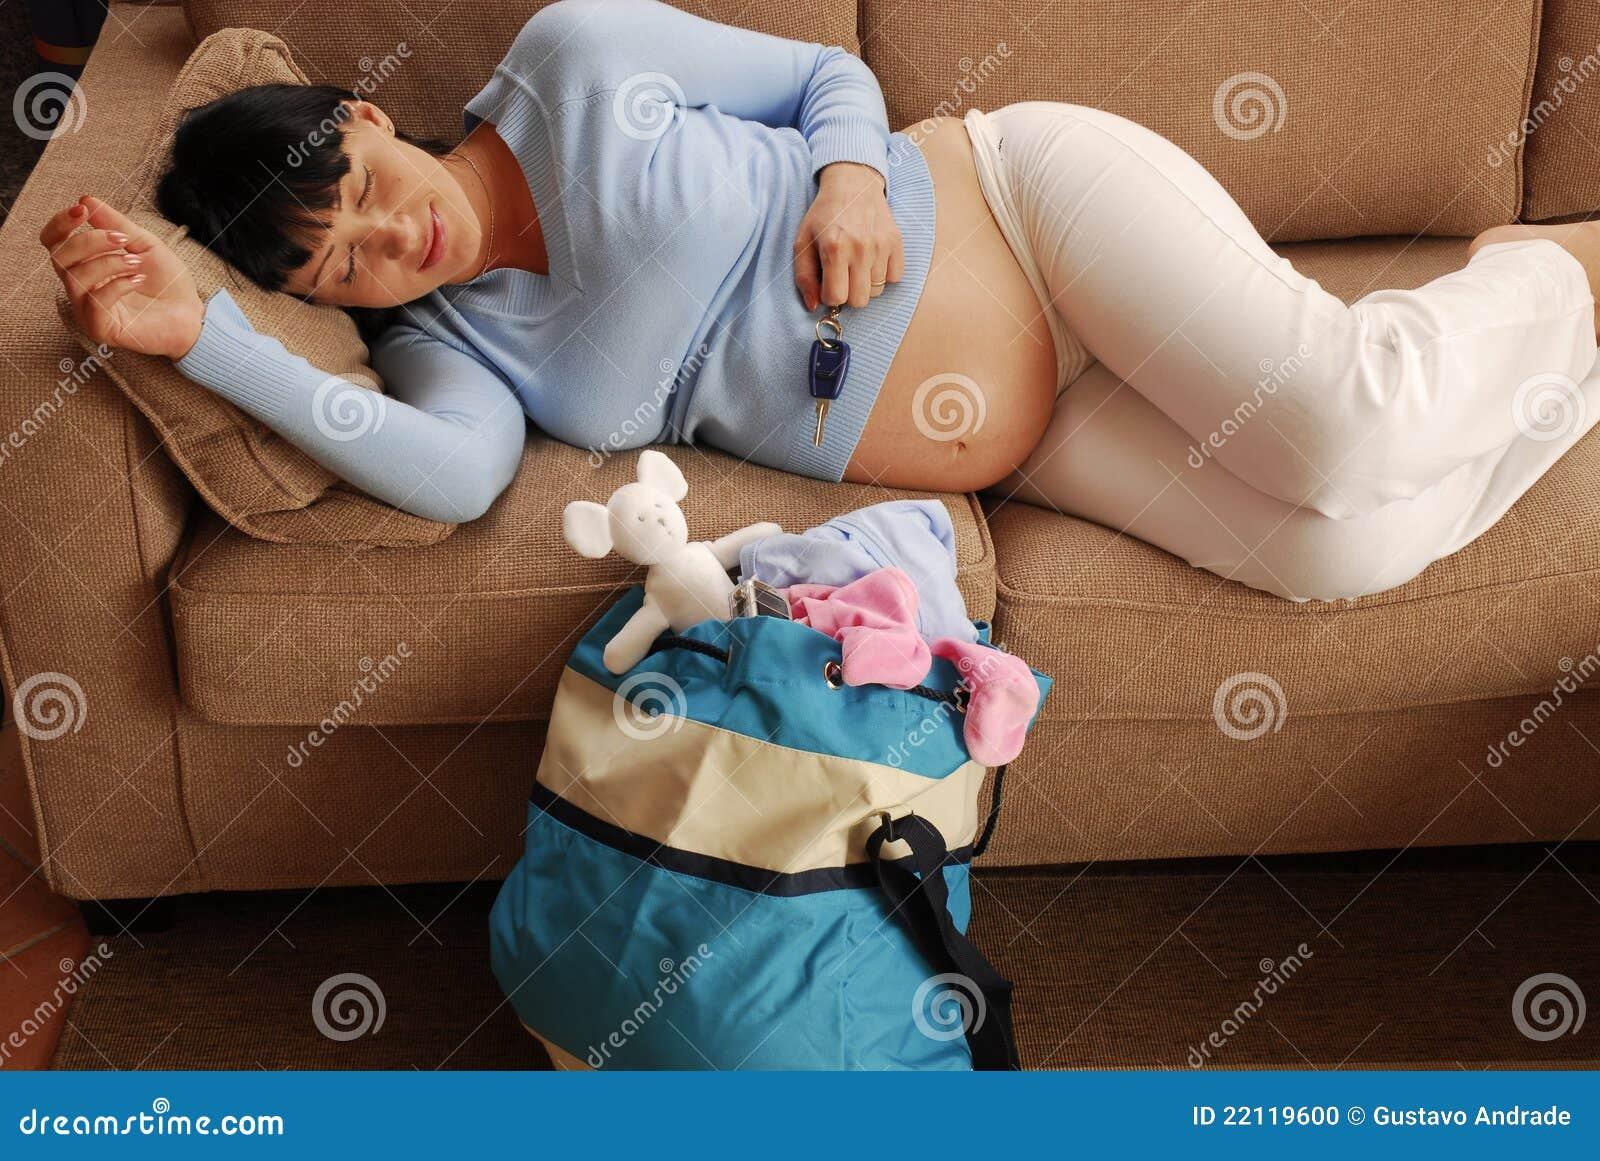 Esperar el nacimiento.